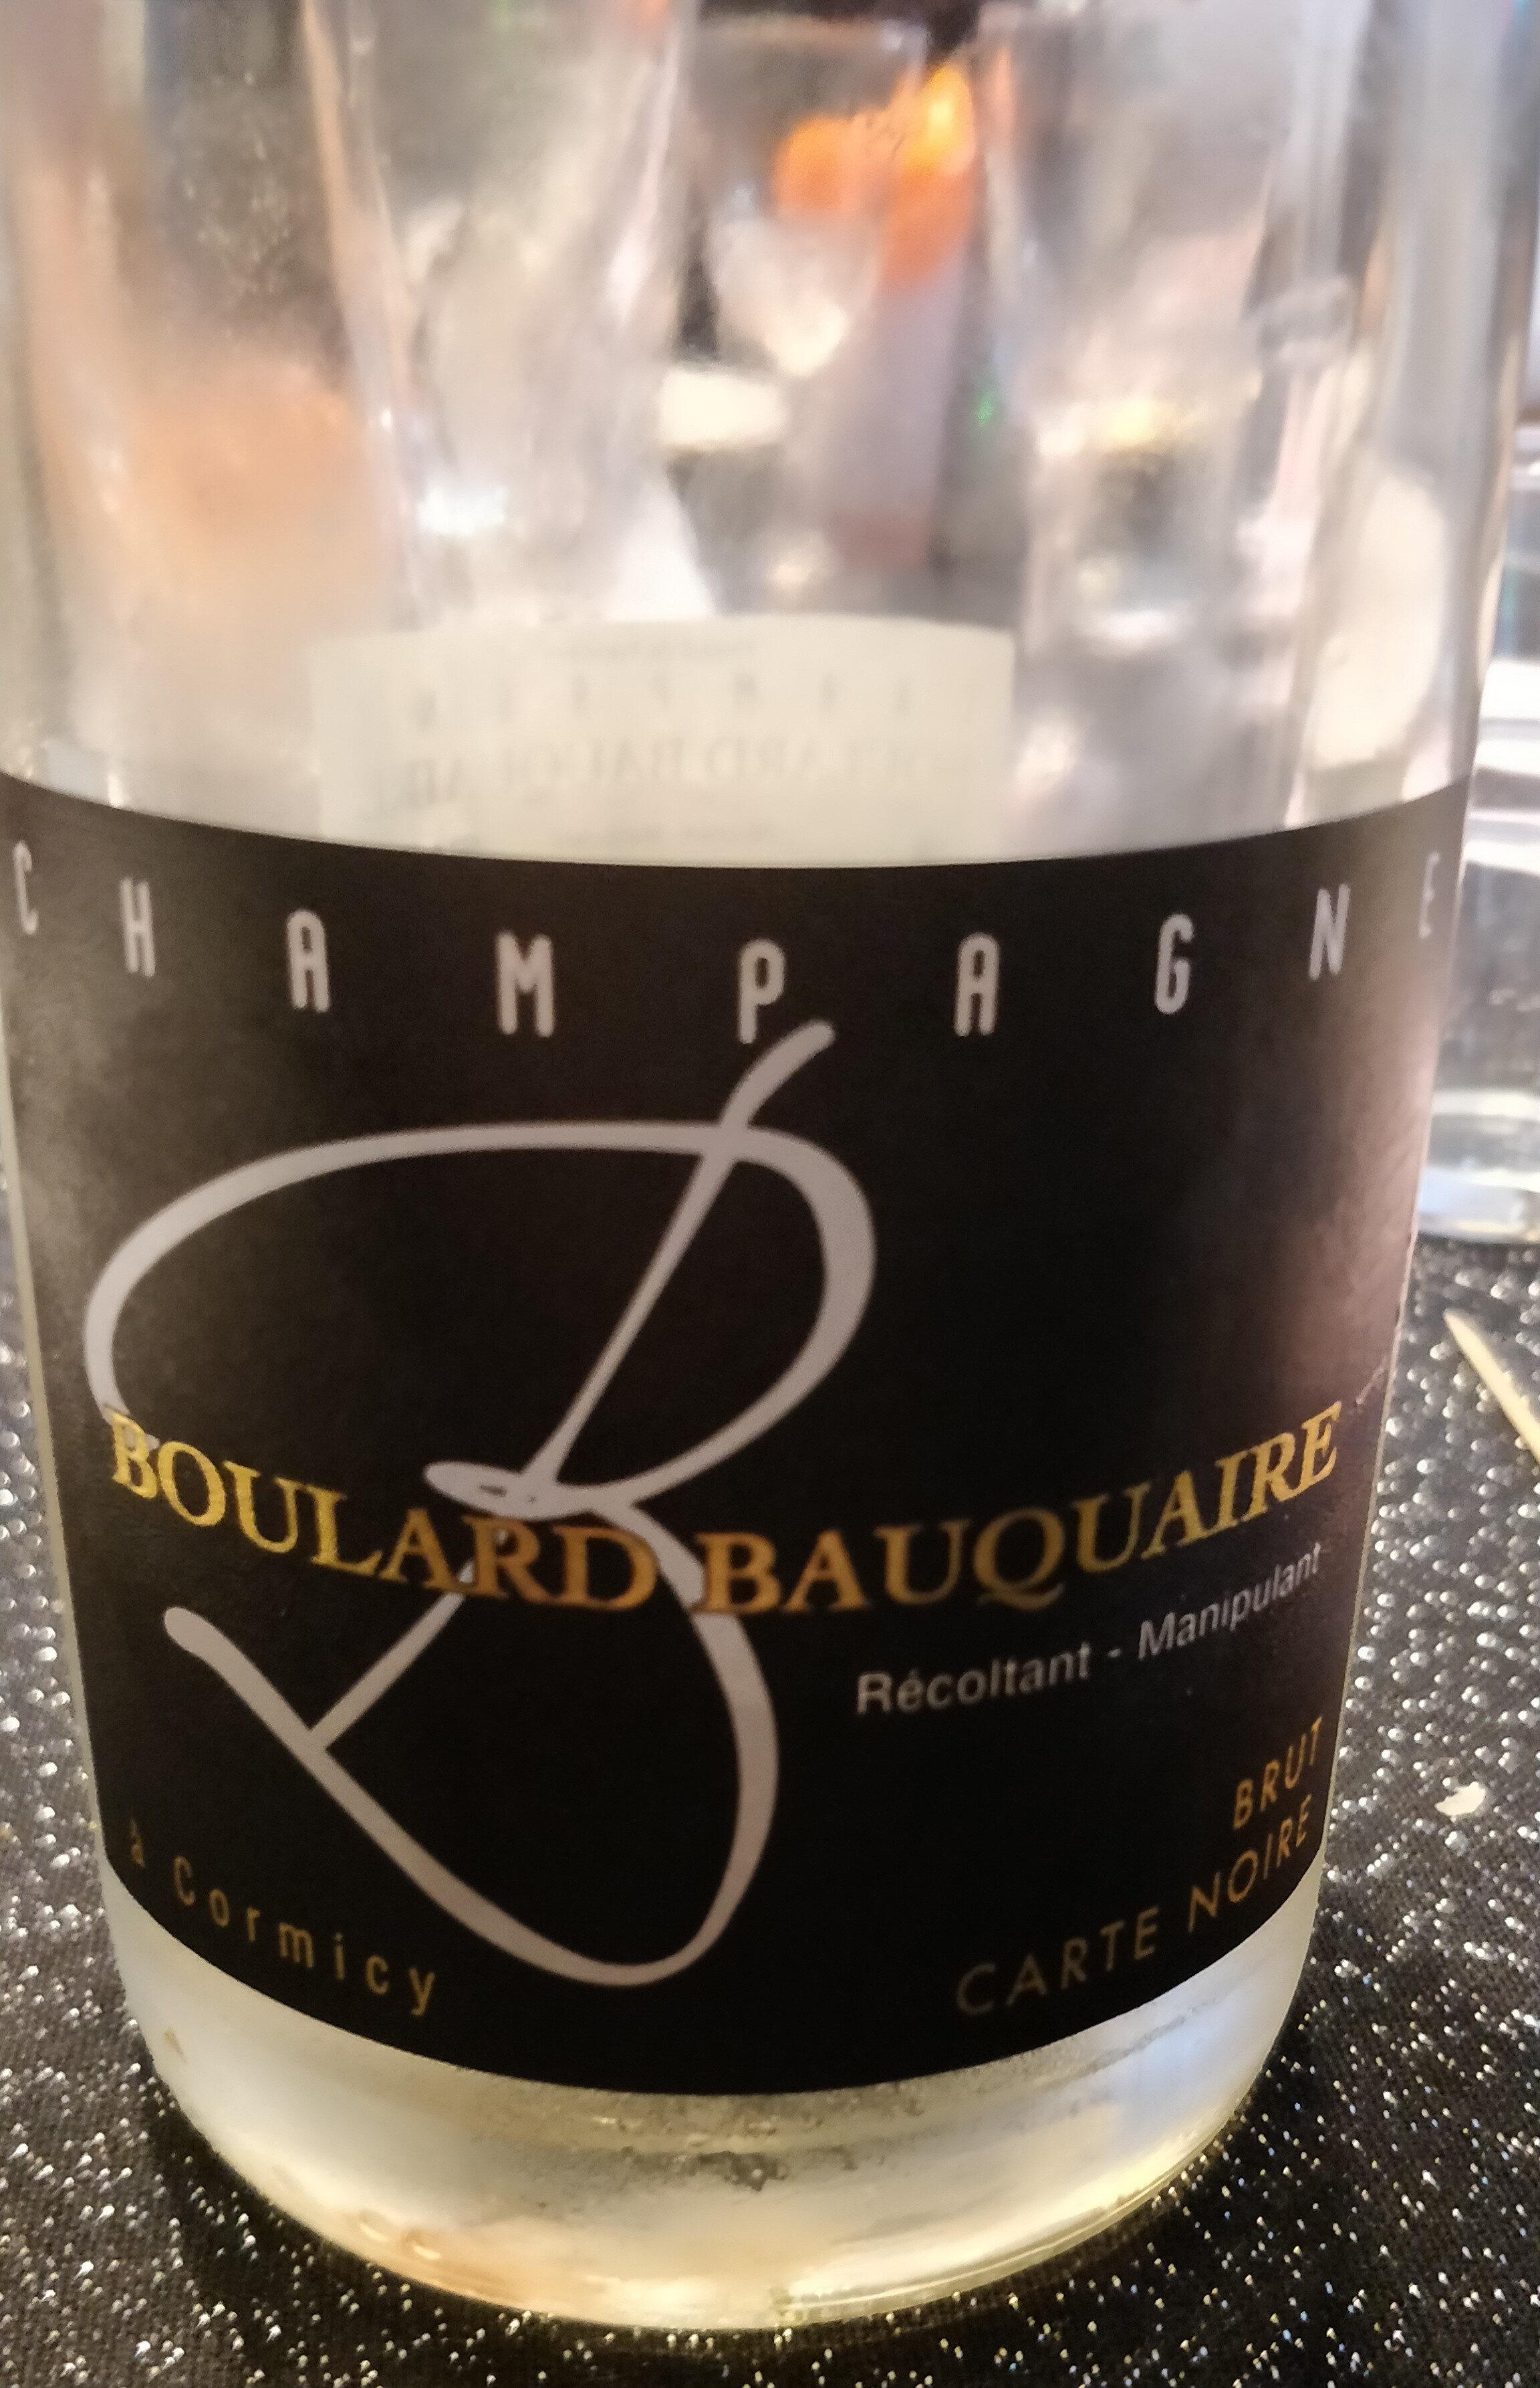 Champagne Boulard Bauquaire - Produit - fr